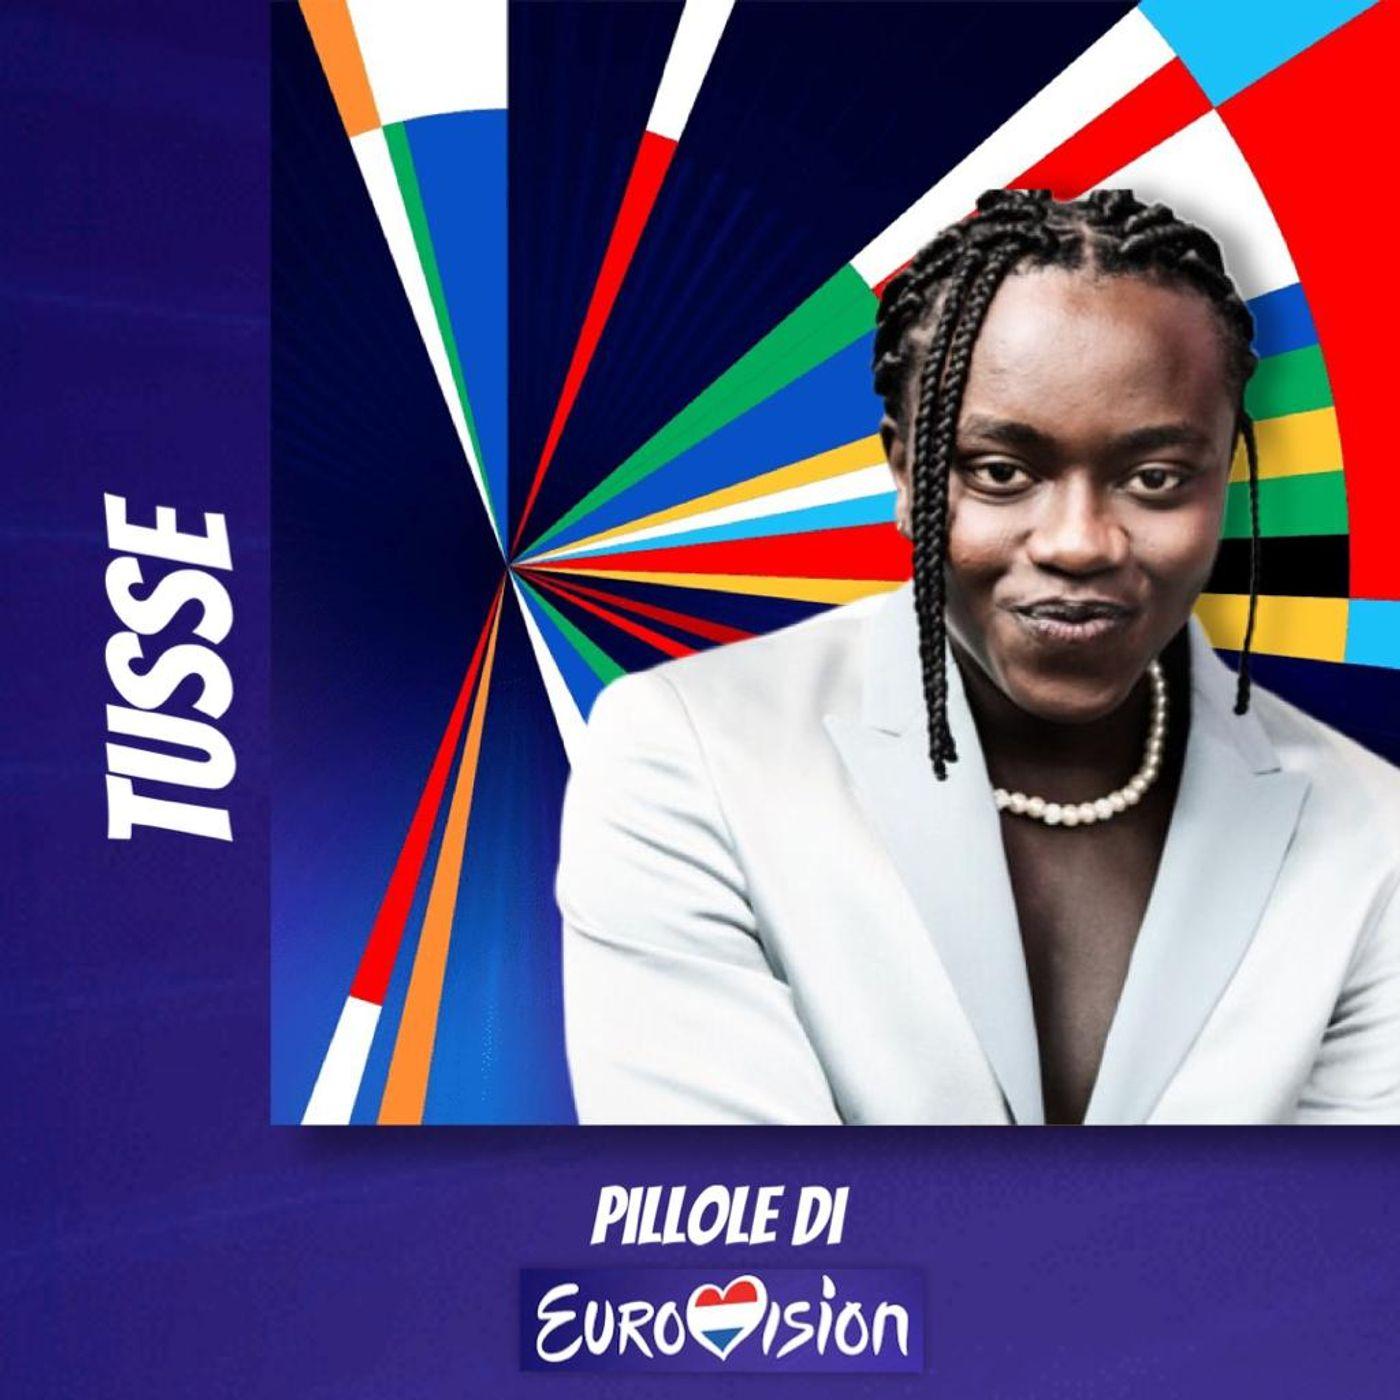 Pillole di Eurovision: Ep. 4 Tusse